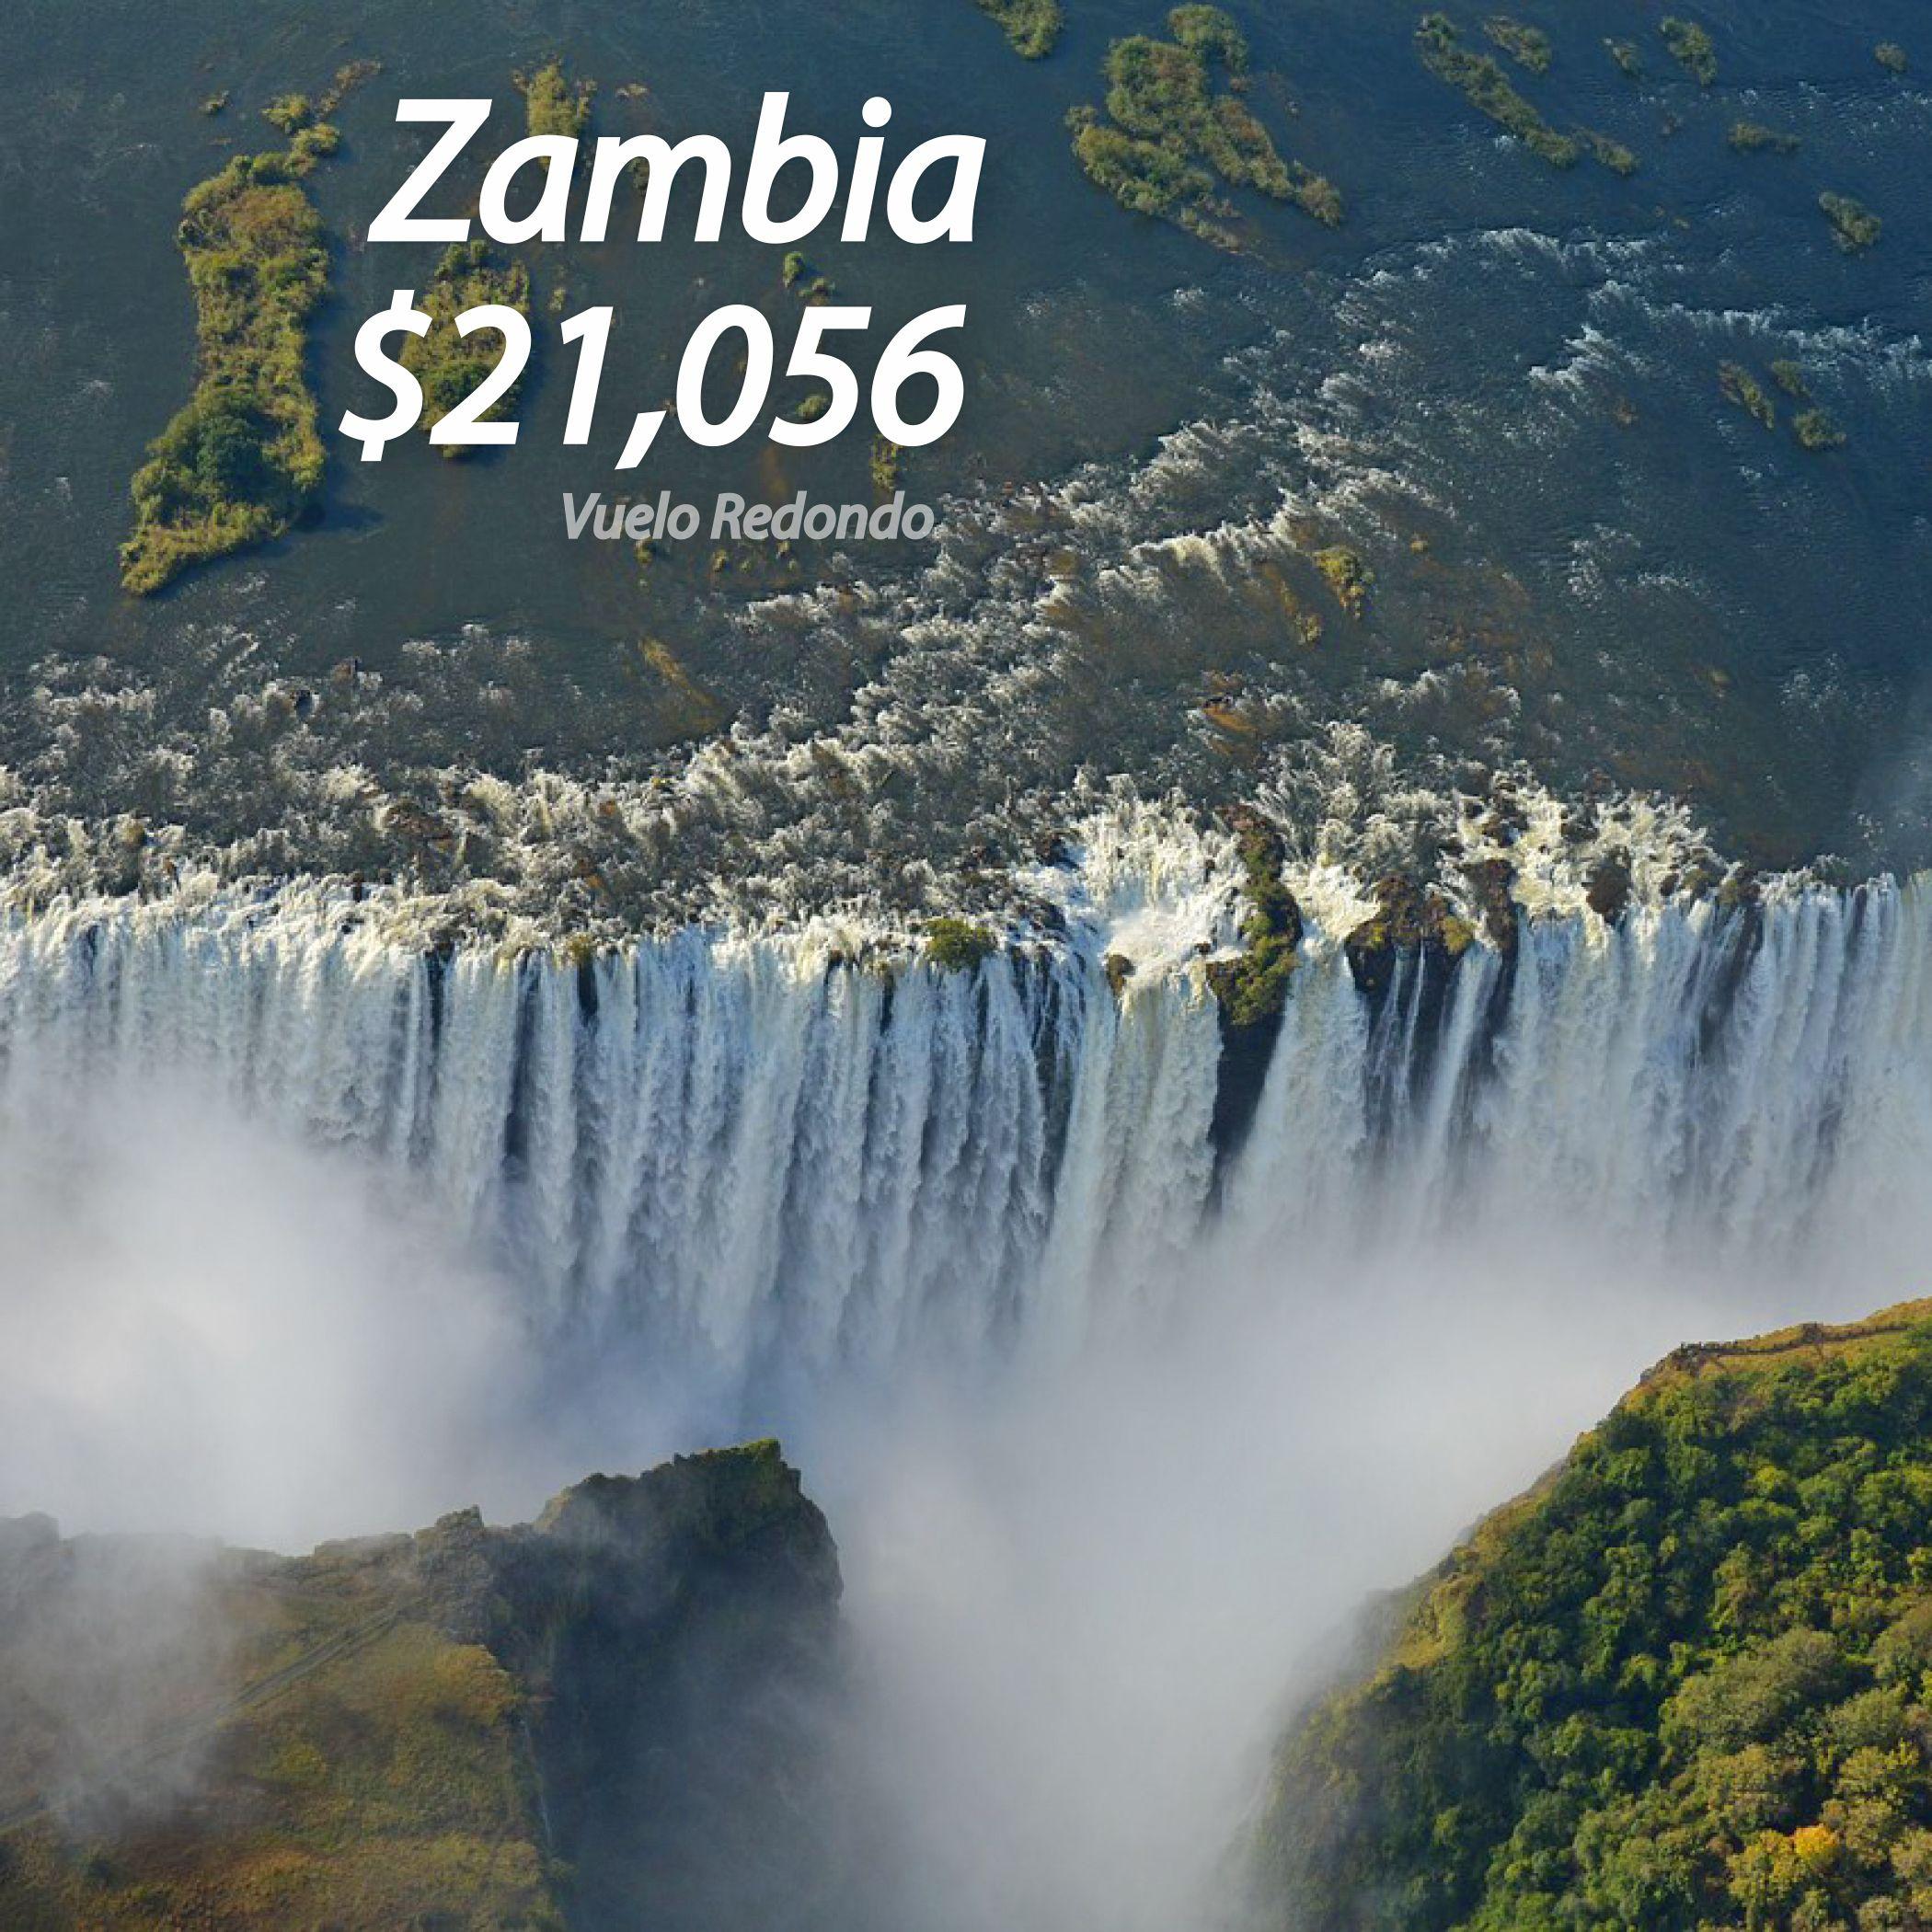 zambia-compressor